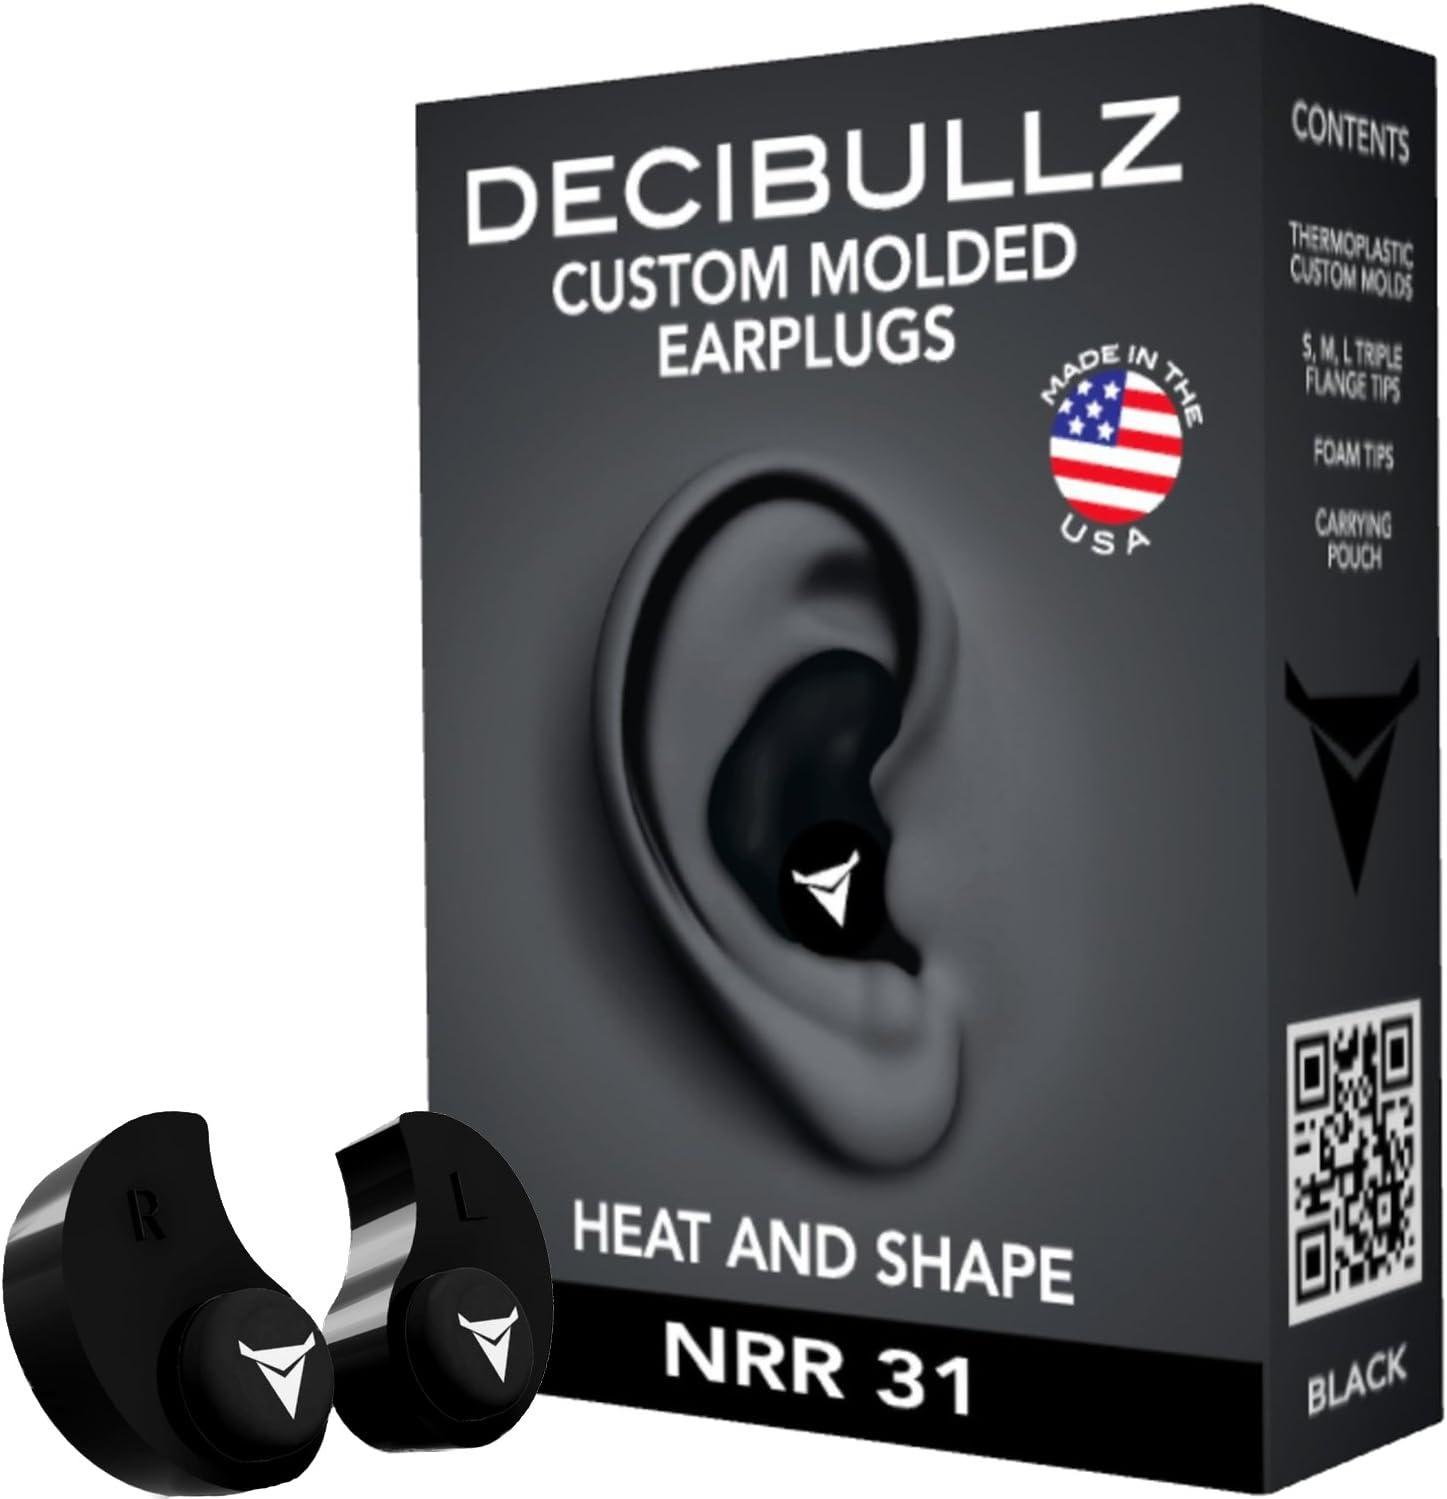 The Decibullz Custom Molded Earplugs travel product recommended by Amanda Evertz on Lifney.